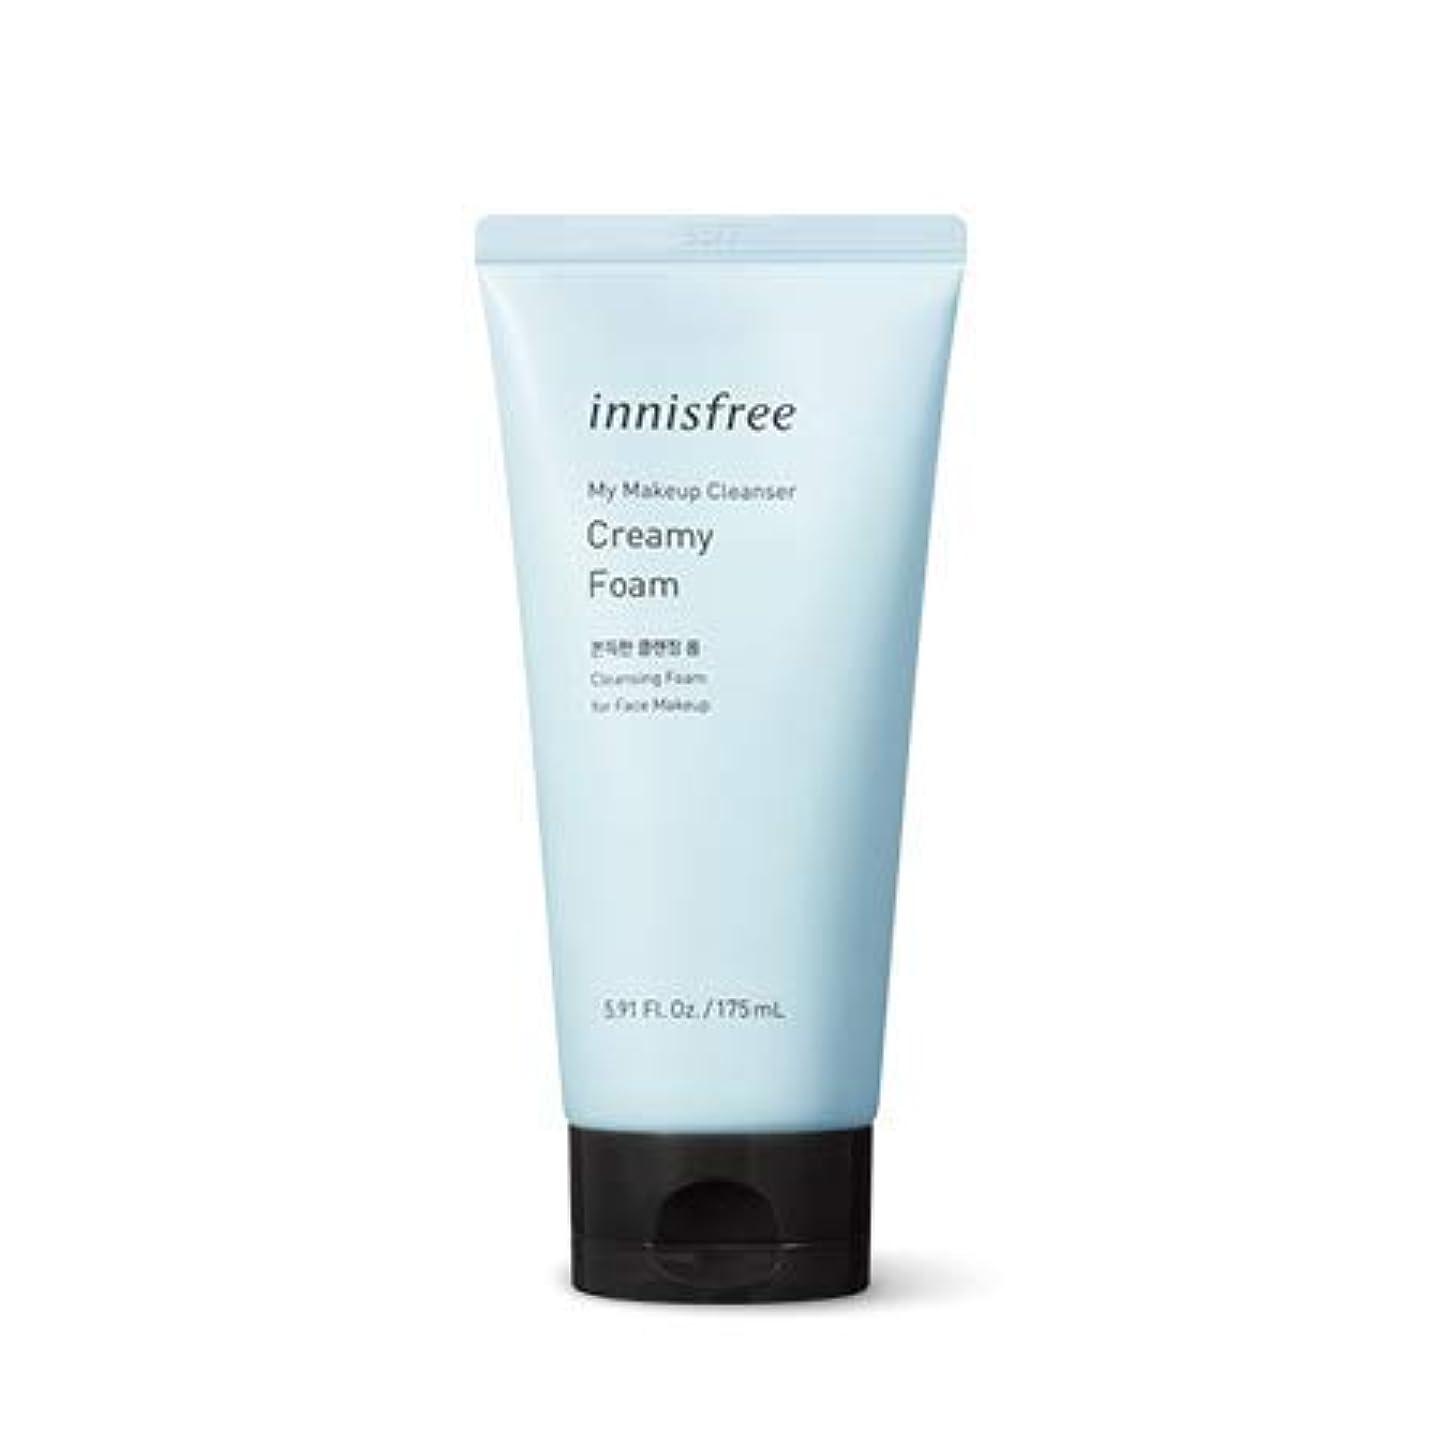 公演コード繰り返す[イニスフリー.innisfree]マイメイククレンザー - クリーミーフォーム175mL+ free(laneige。water sleeping mask15ml)/ My Makeup Cleanser - Creamy...